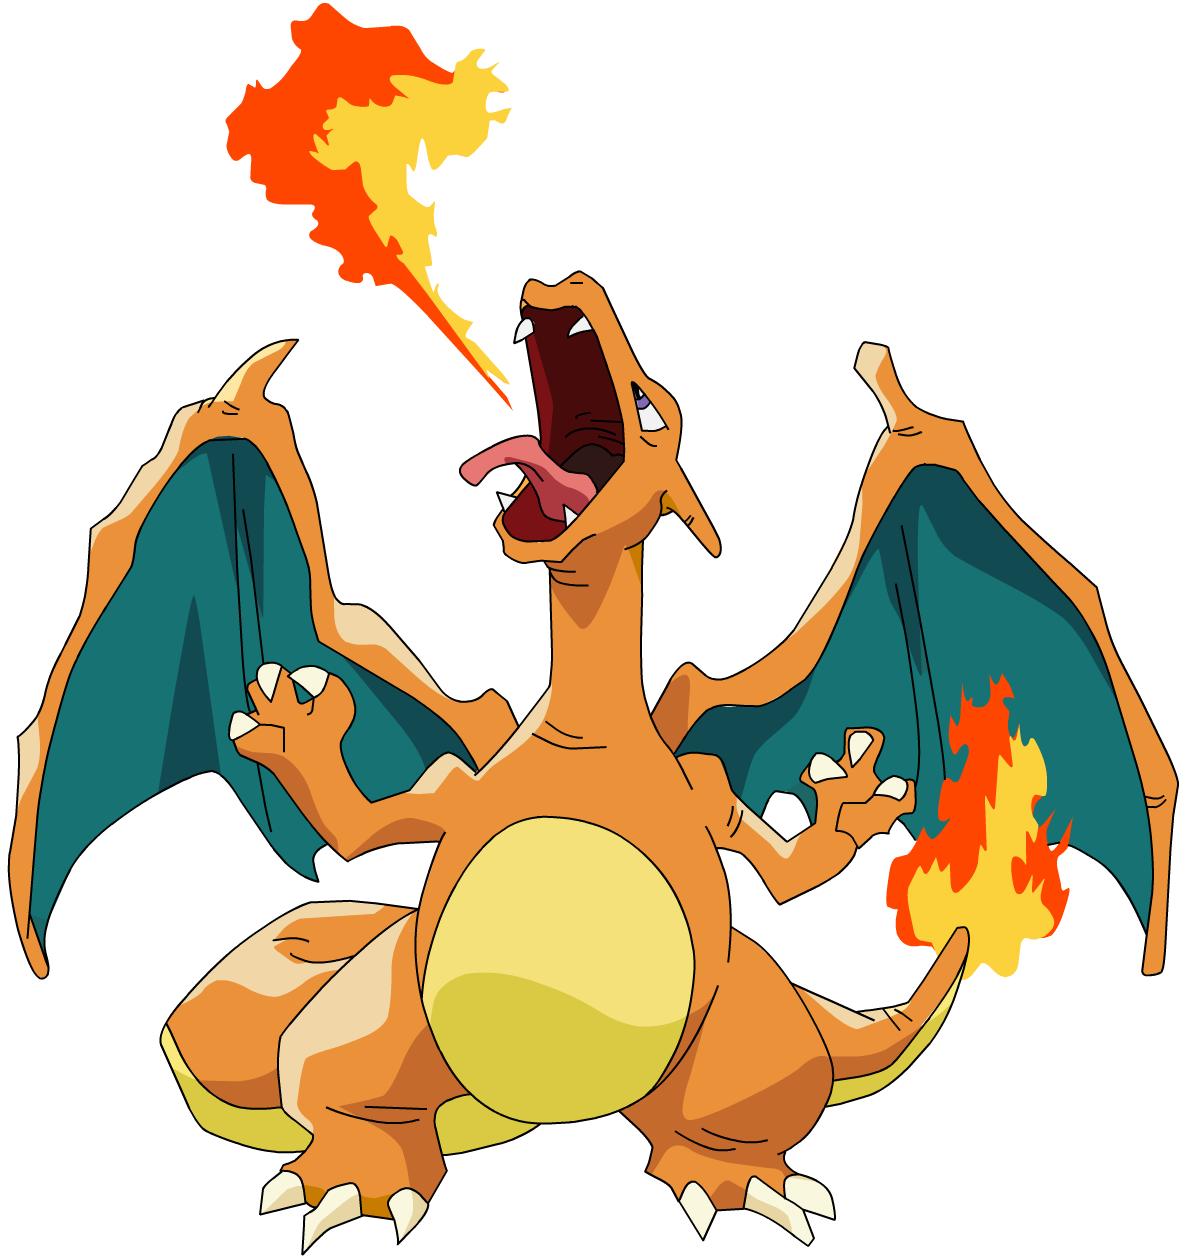 charizard pokémon quest adventures wiki fandom powered by wikia